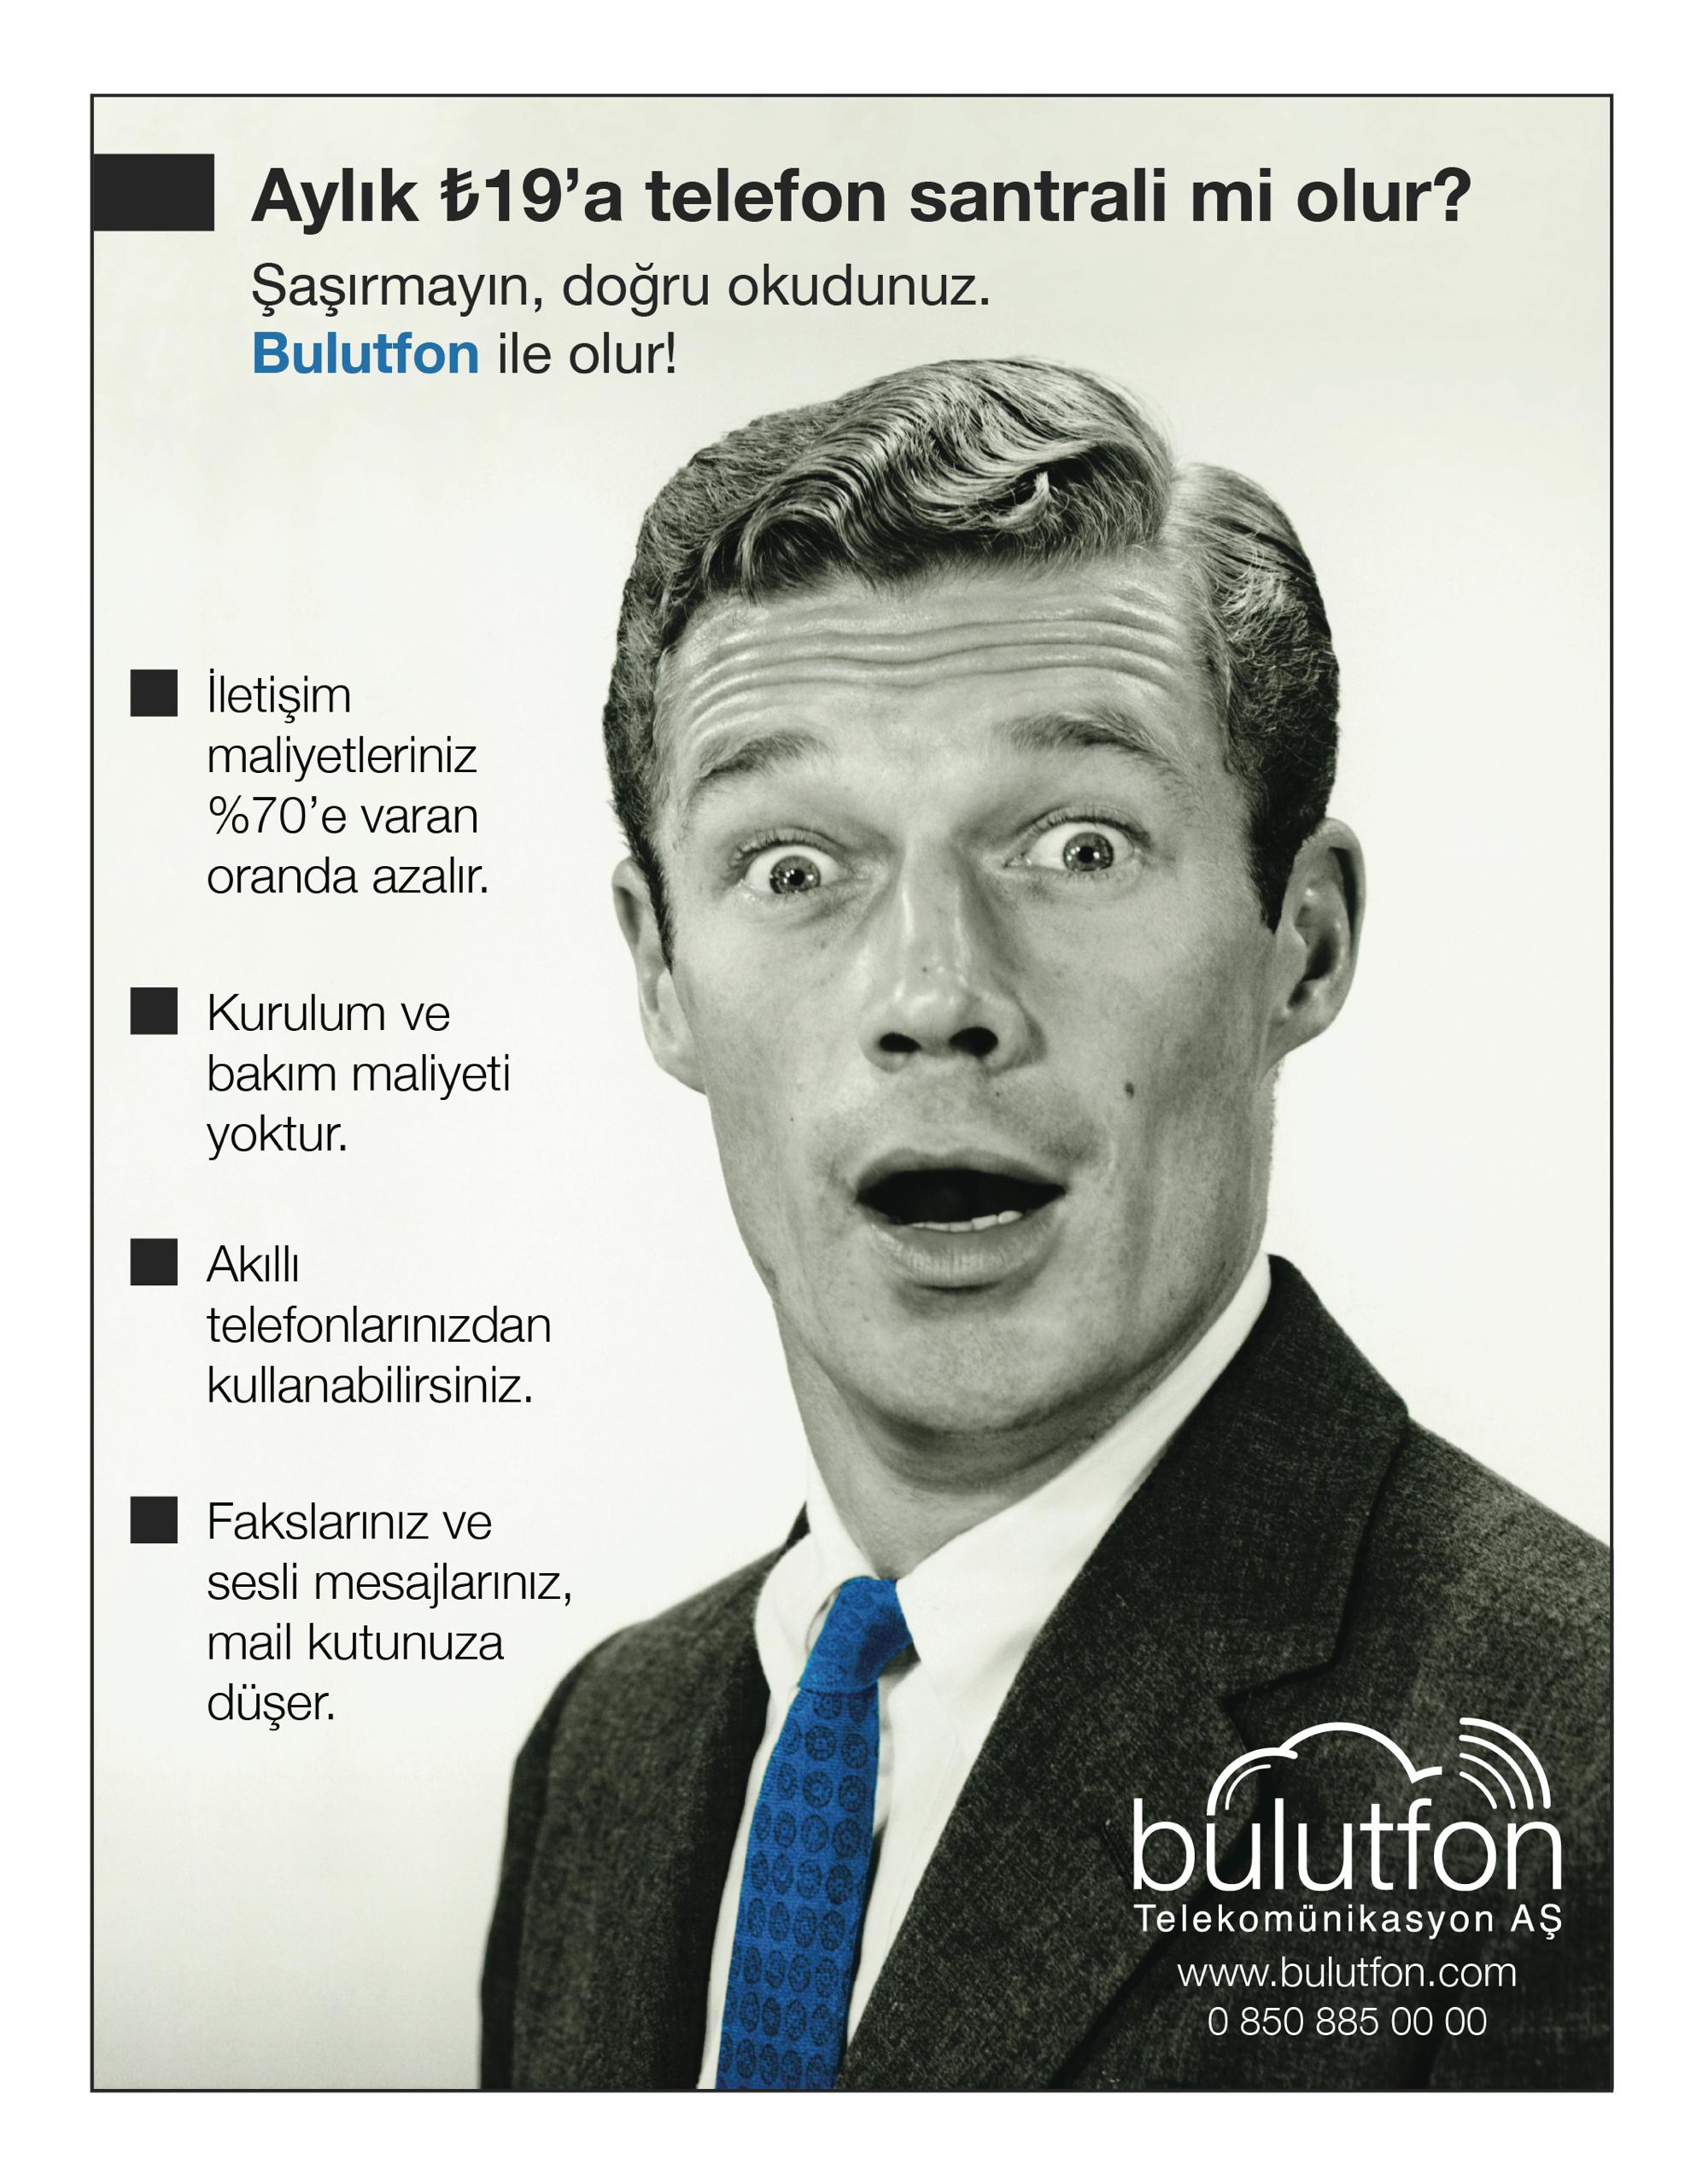 Bulutfon advertising full